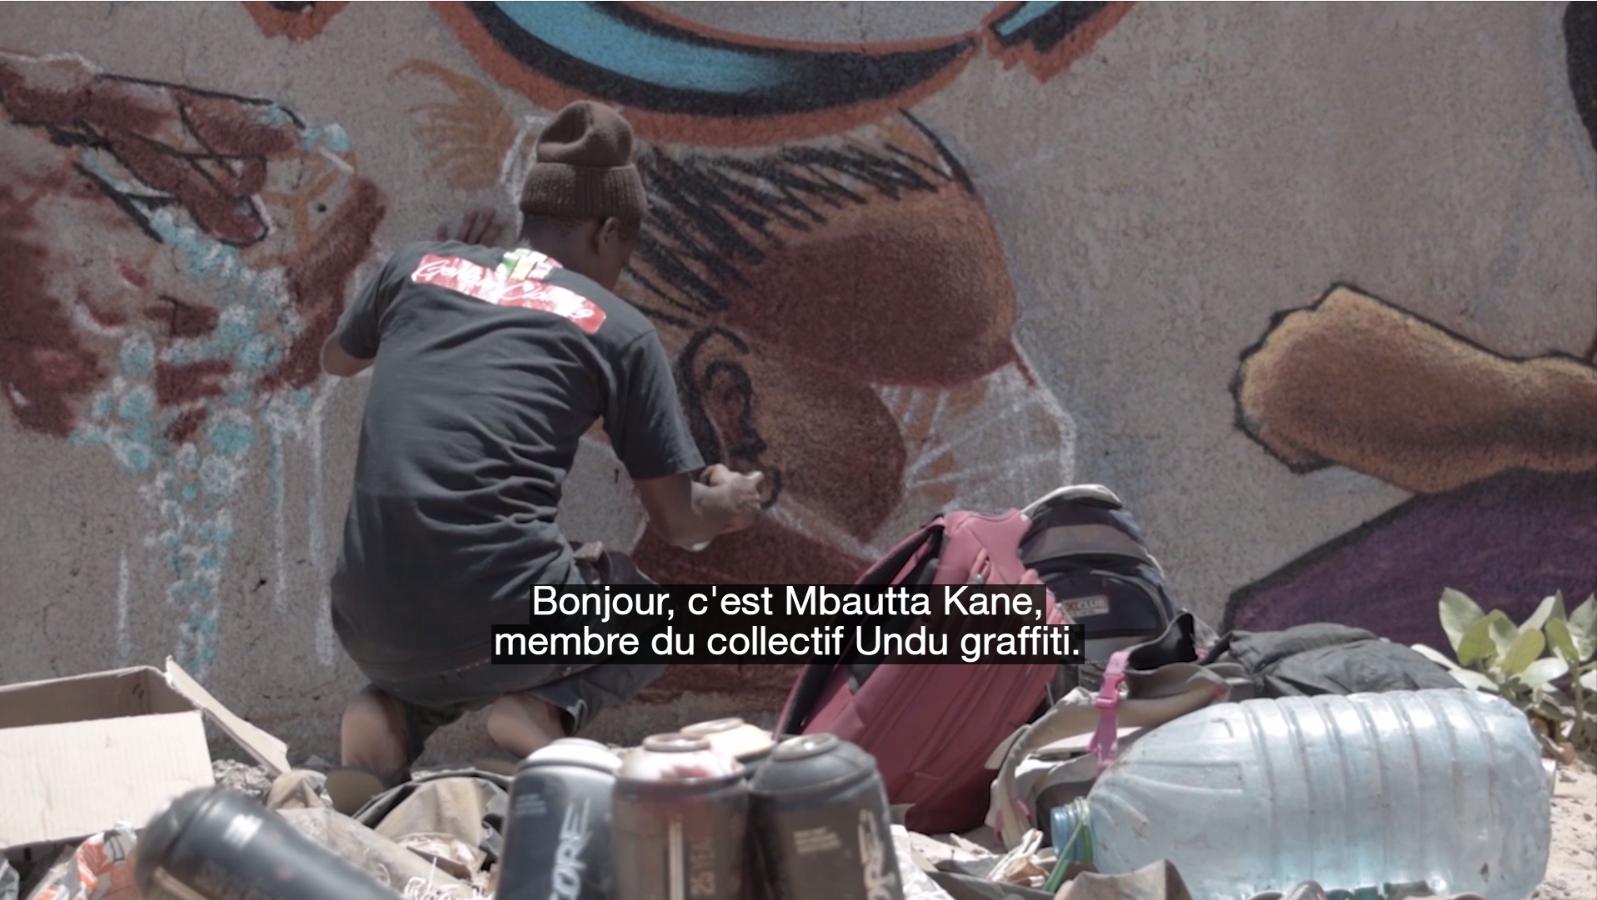 Une fresque installée par le collectif Undu graffiti dans le quartier de Malika à Dakar, au Sénégal.